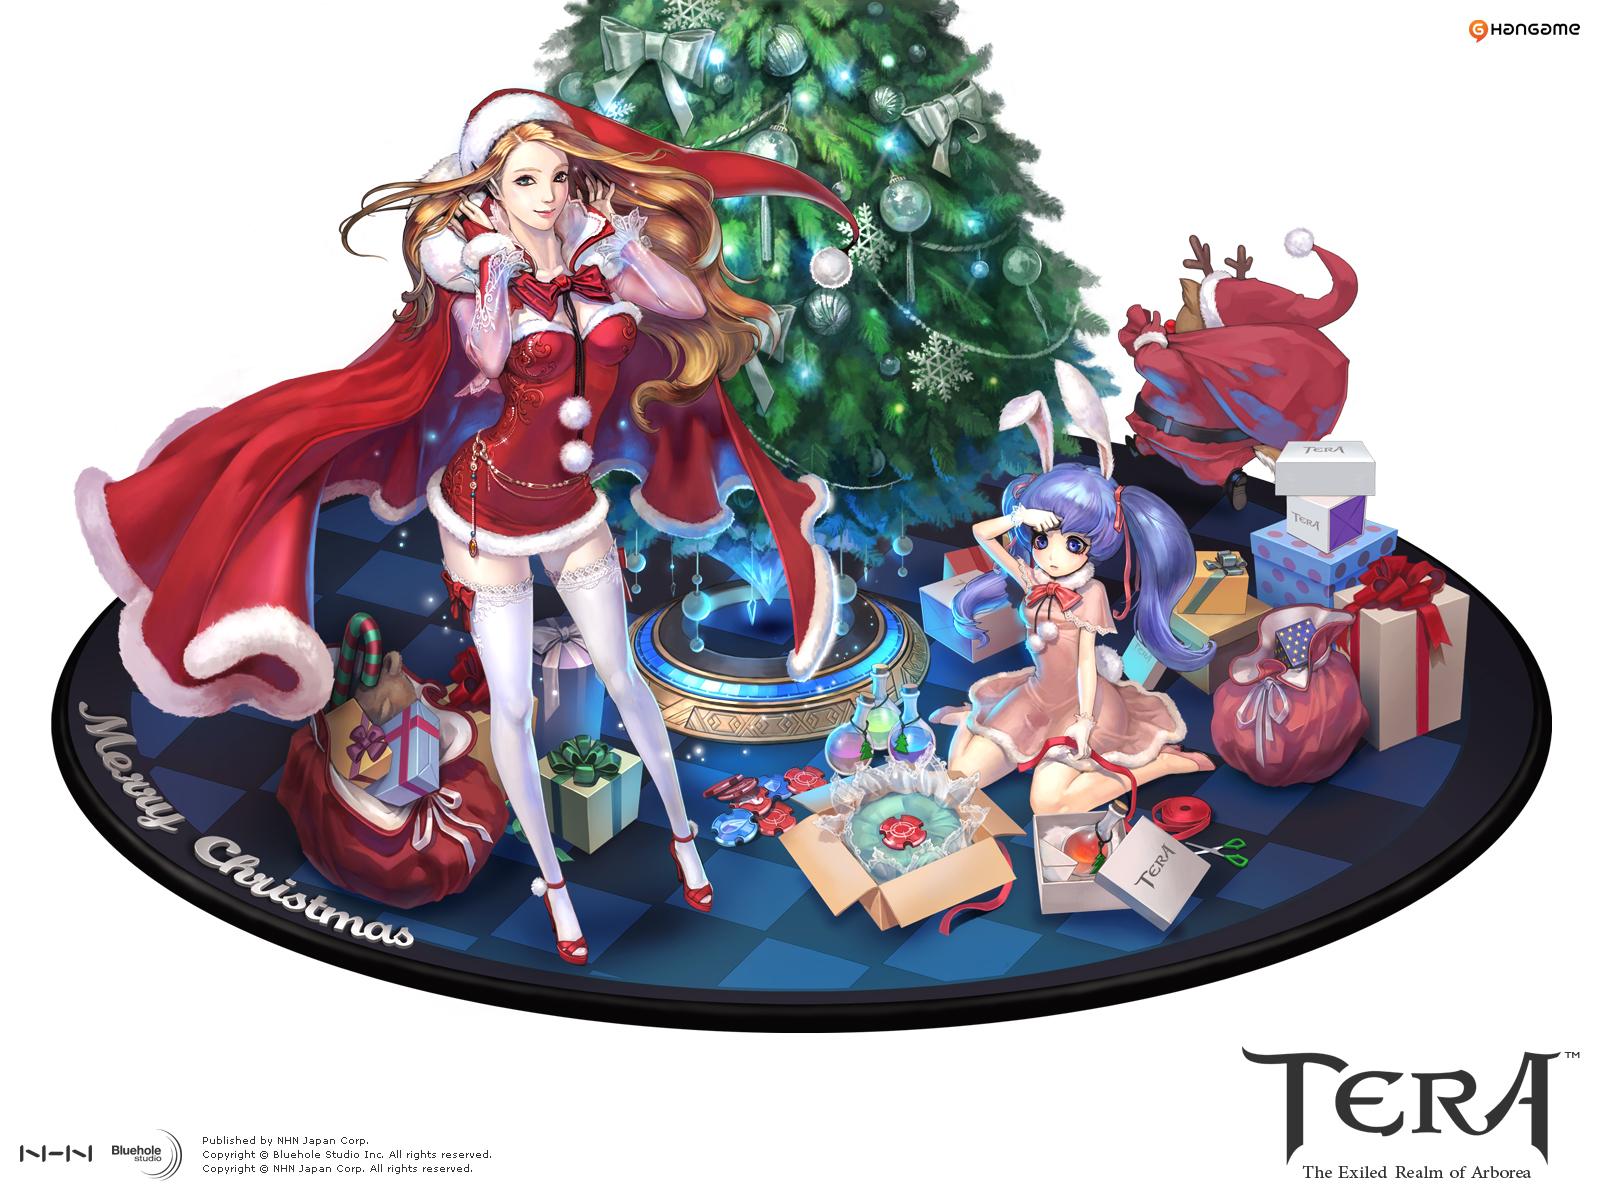 日服圣诞节桌面壁纸下载